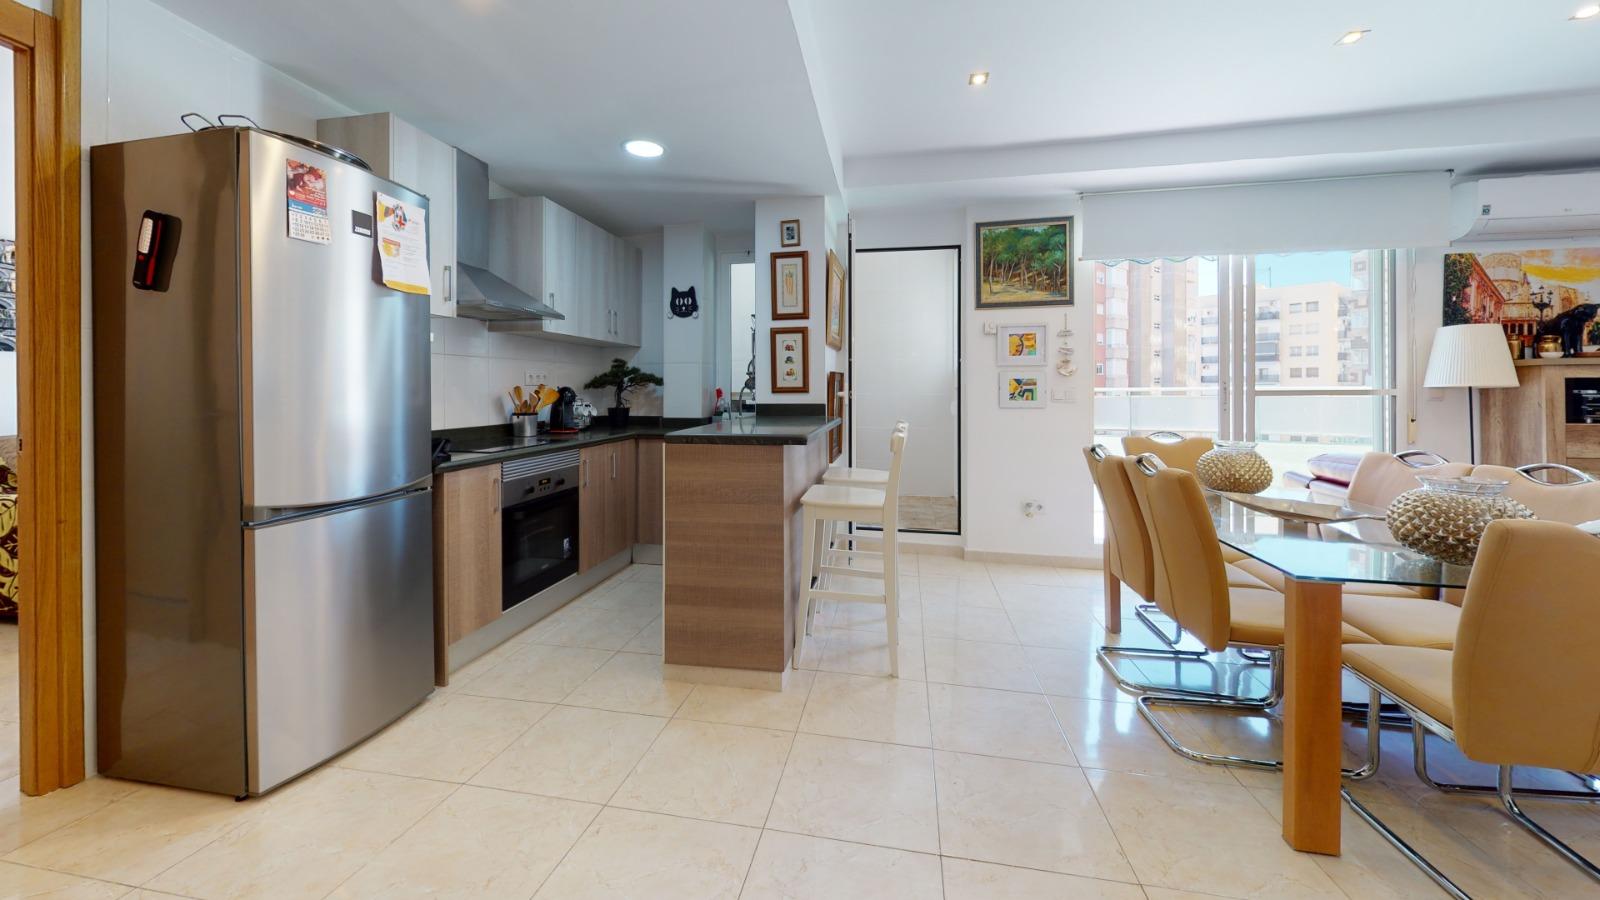 Apartament calle Turina 3 z licencją turystyczna i tarasem 164m